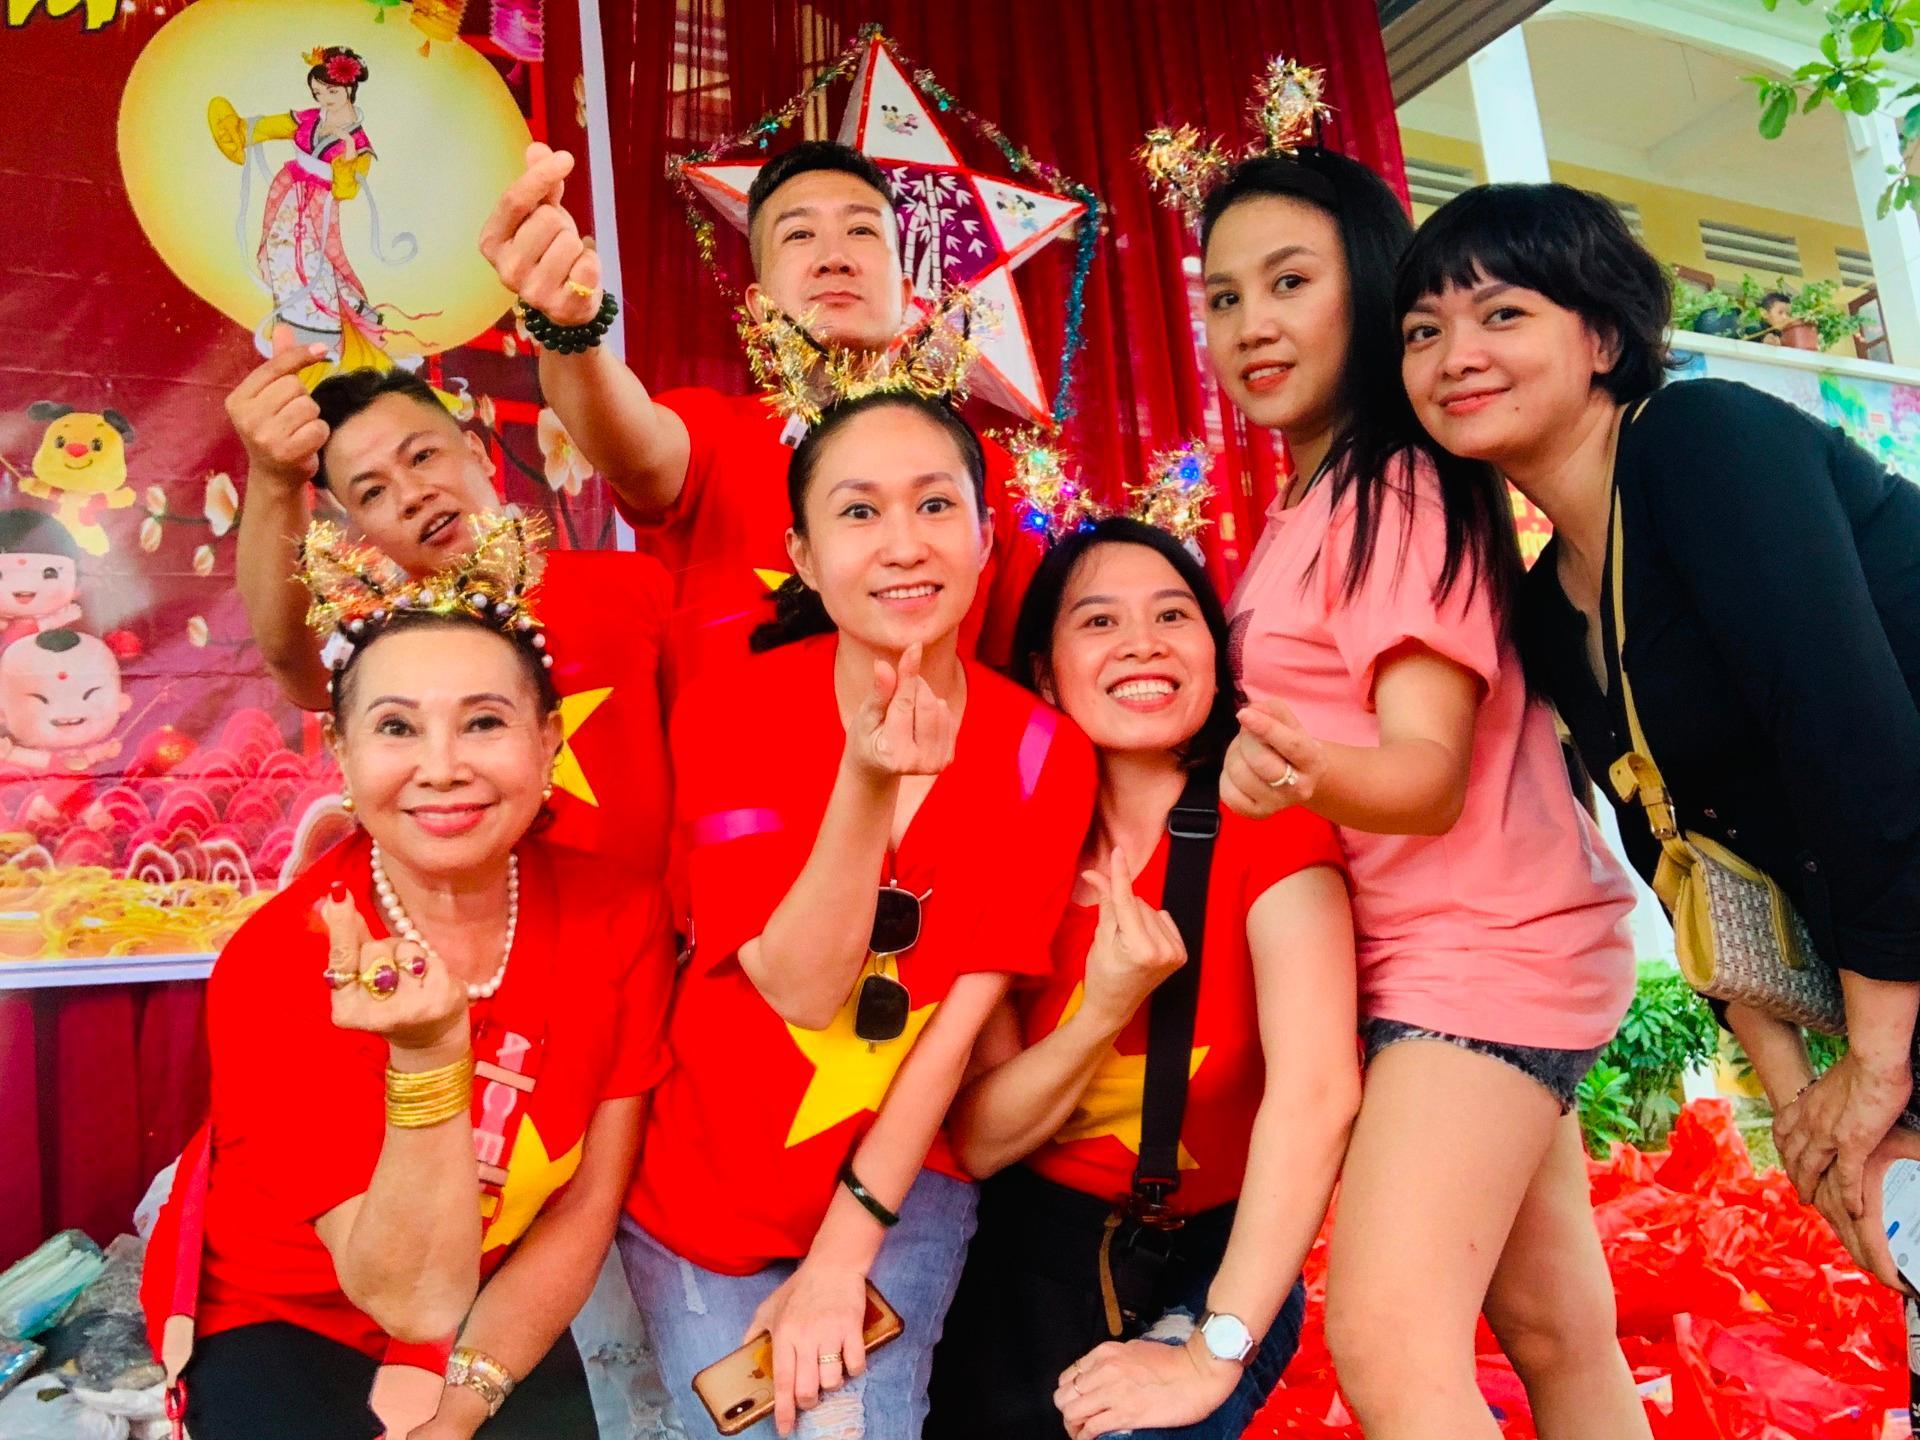 'Trăng sáng cho em' đến sớm với trẻ em Hà Giang Ảnh 6